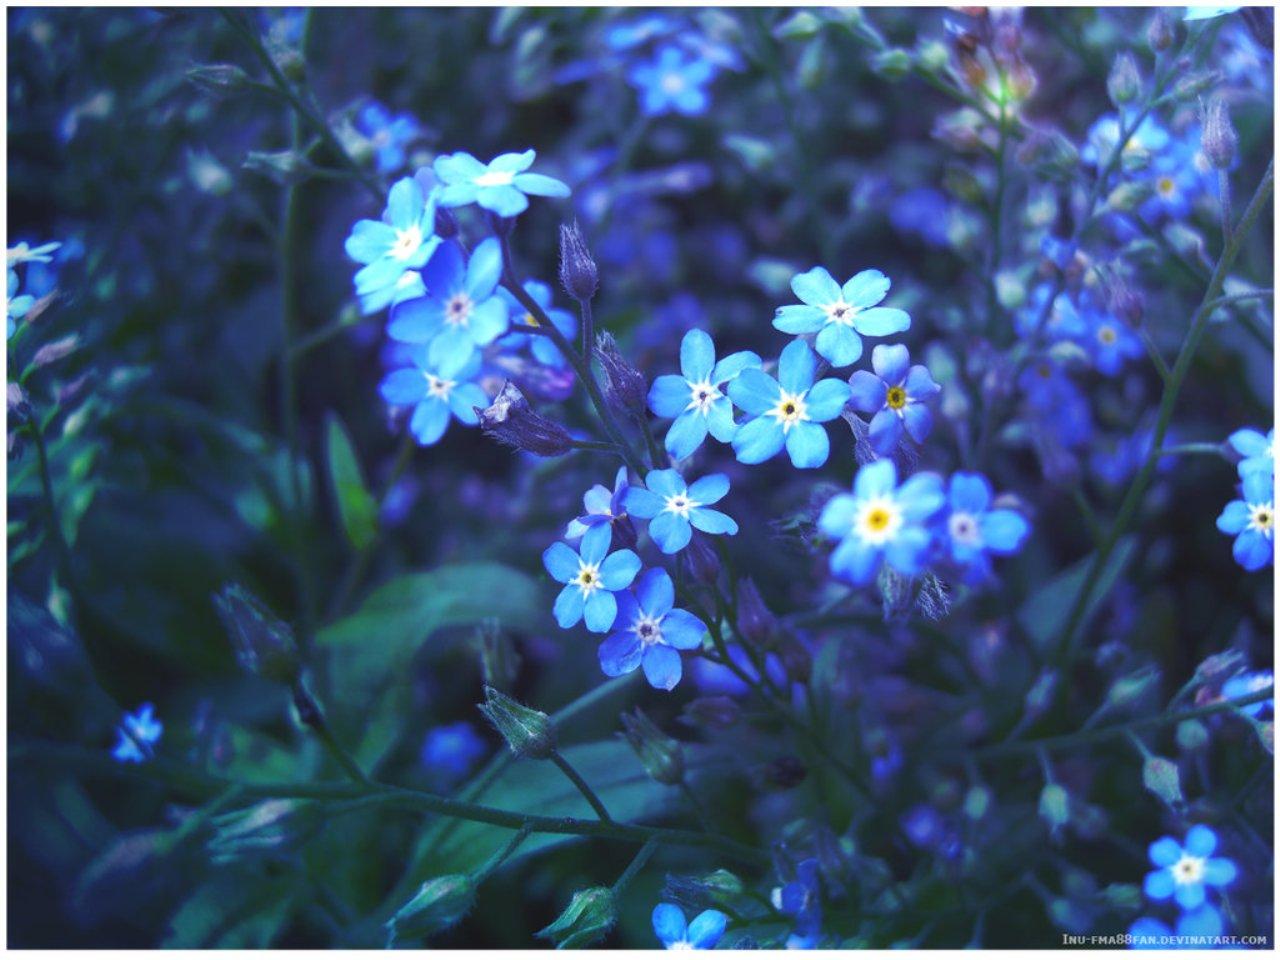 http://www.stihi.ru/pics/2009/03/01/1689.jpg